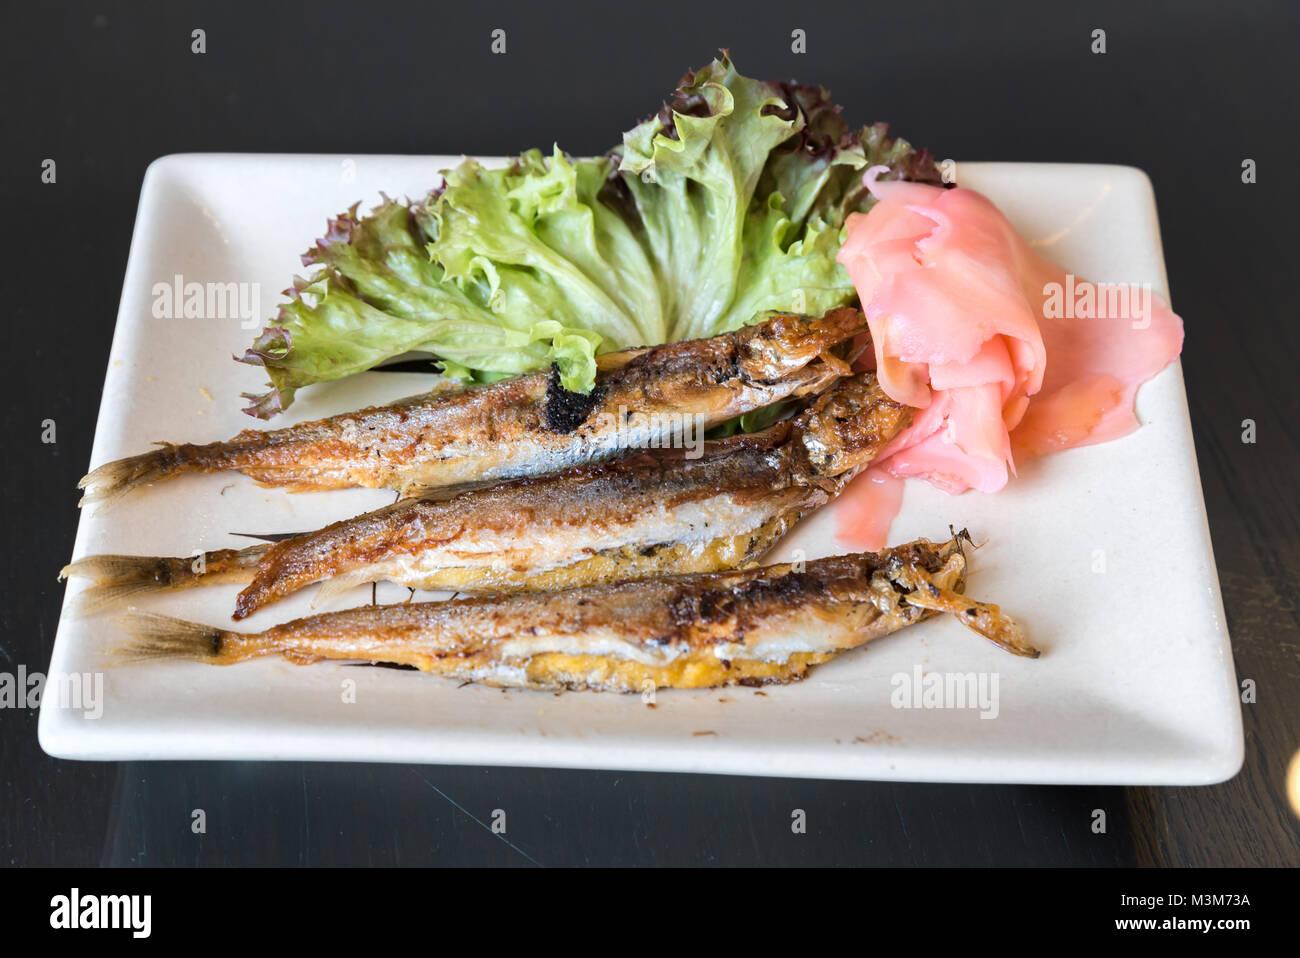 grilled shishamo on white plate - Stock Image